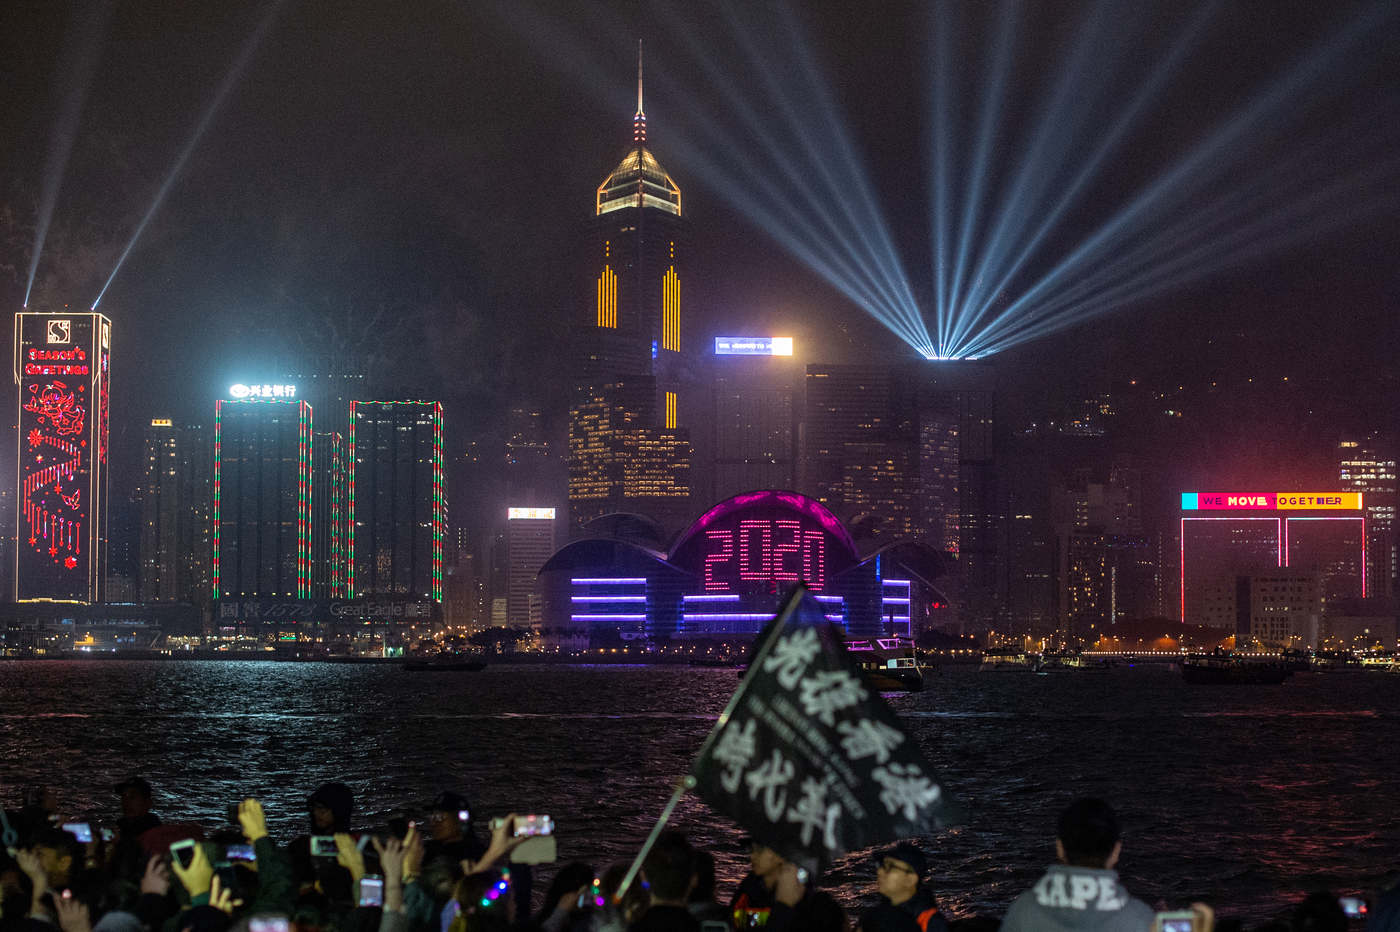 Hong Kong is köszöntötte már 2020-at